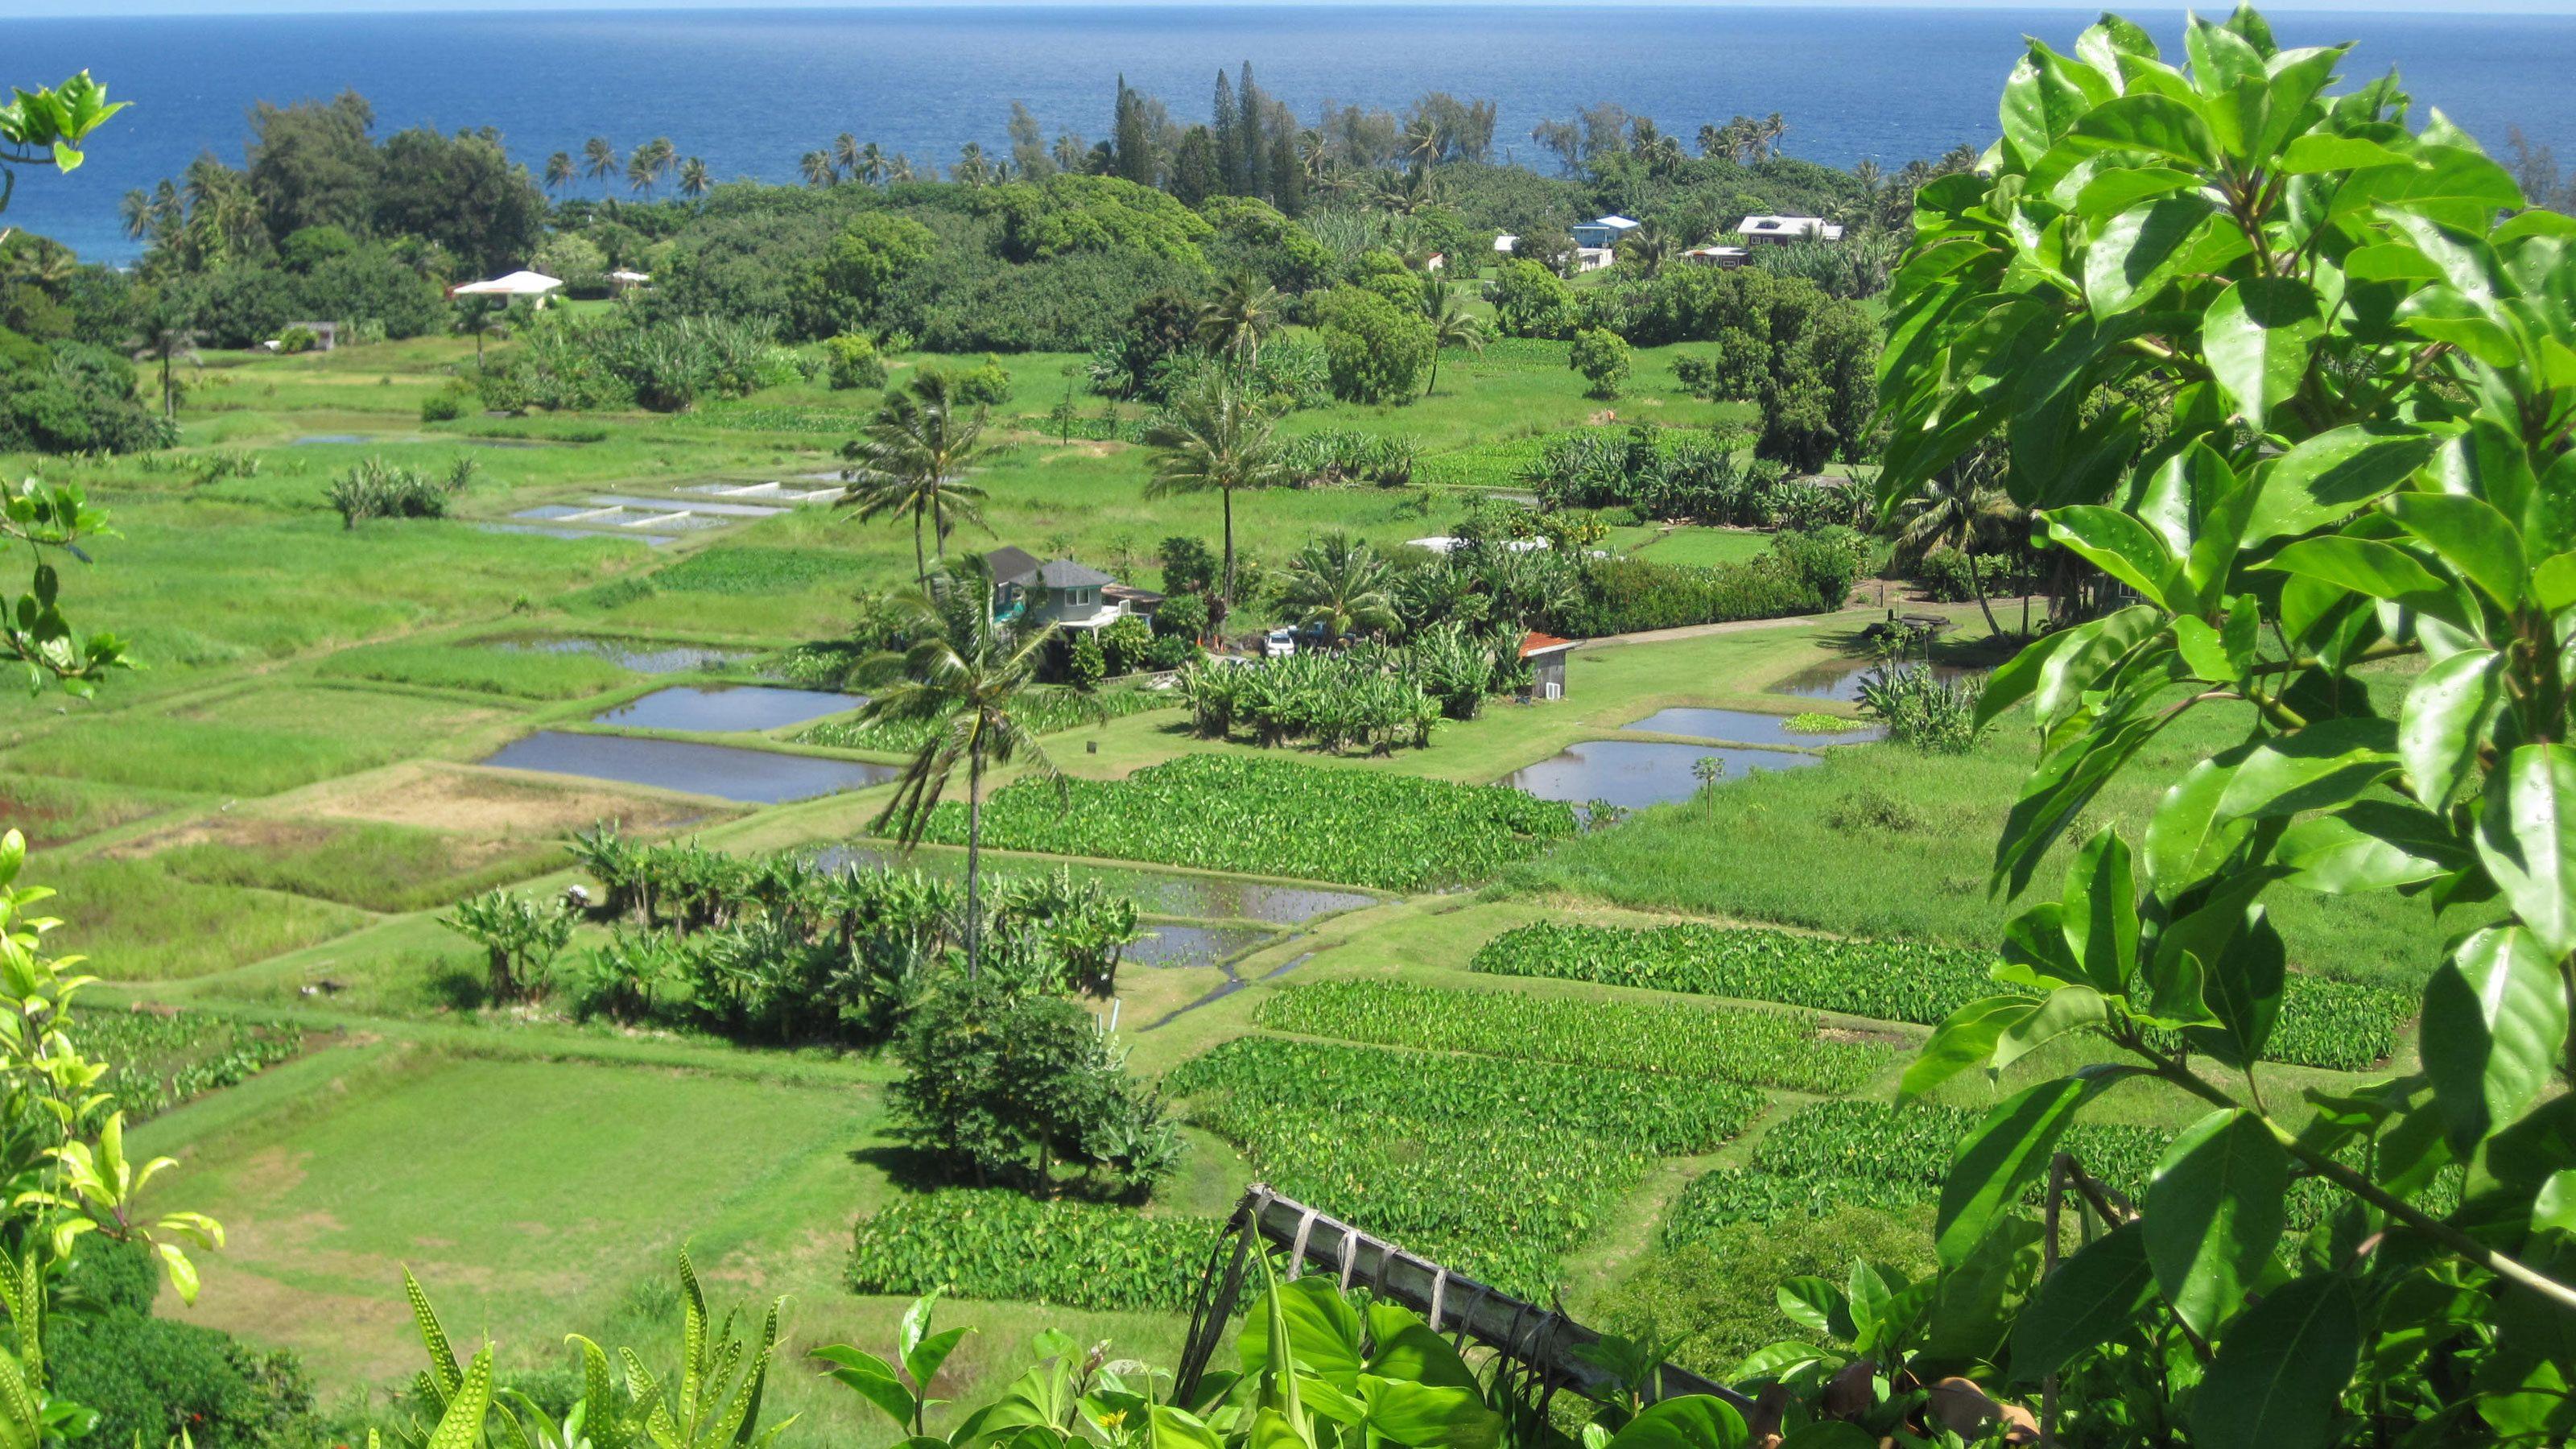 Landscape of farm fields in Maui